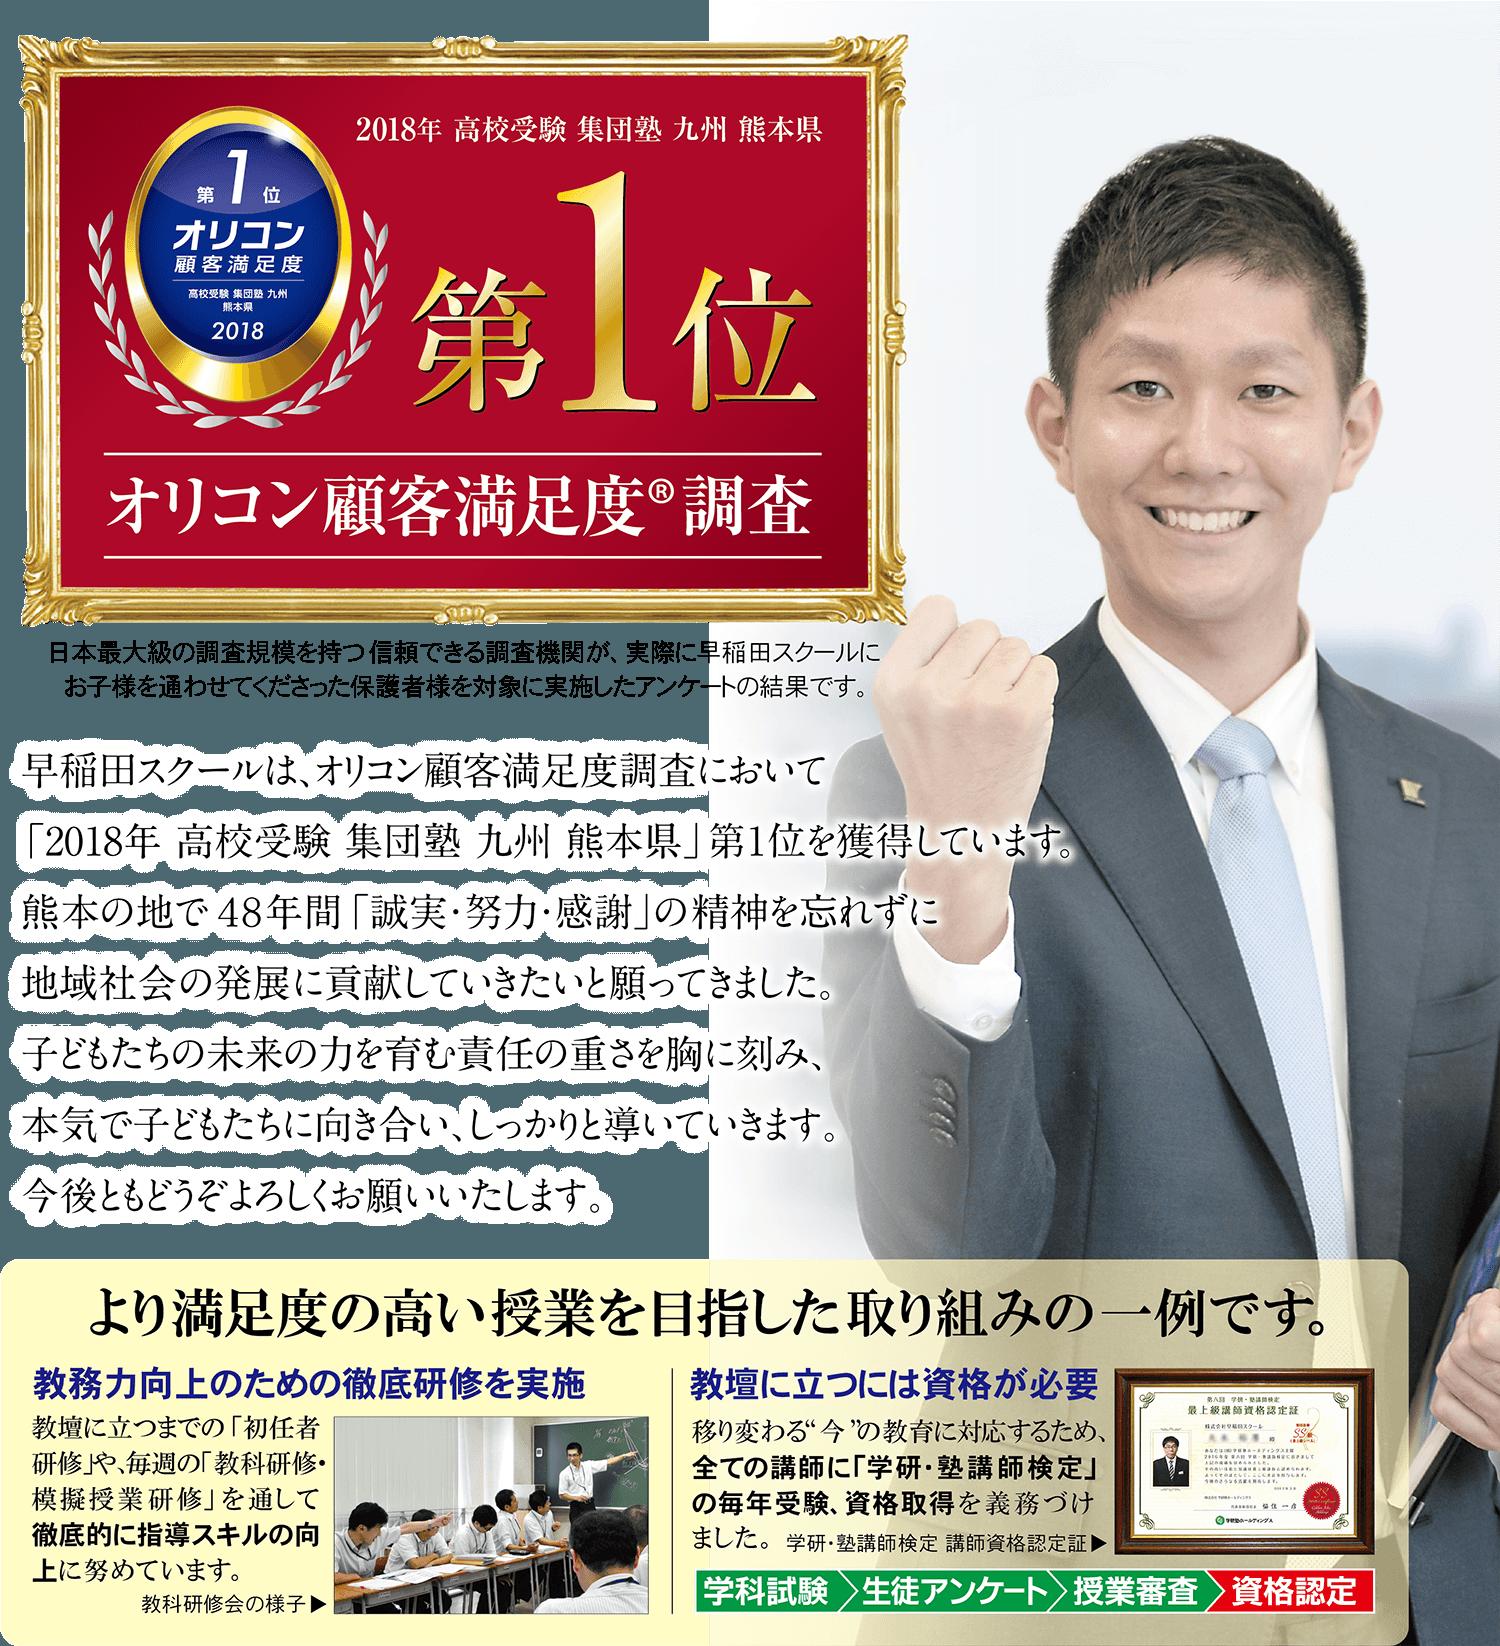 早稲田スクールは、オリコン顧客満足度調査 第1位